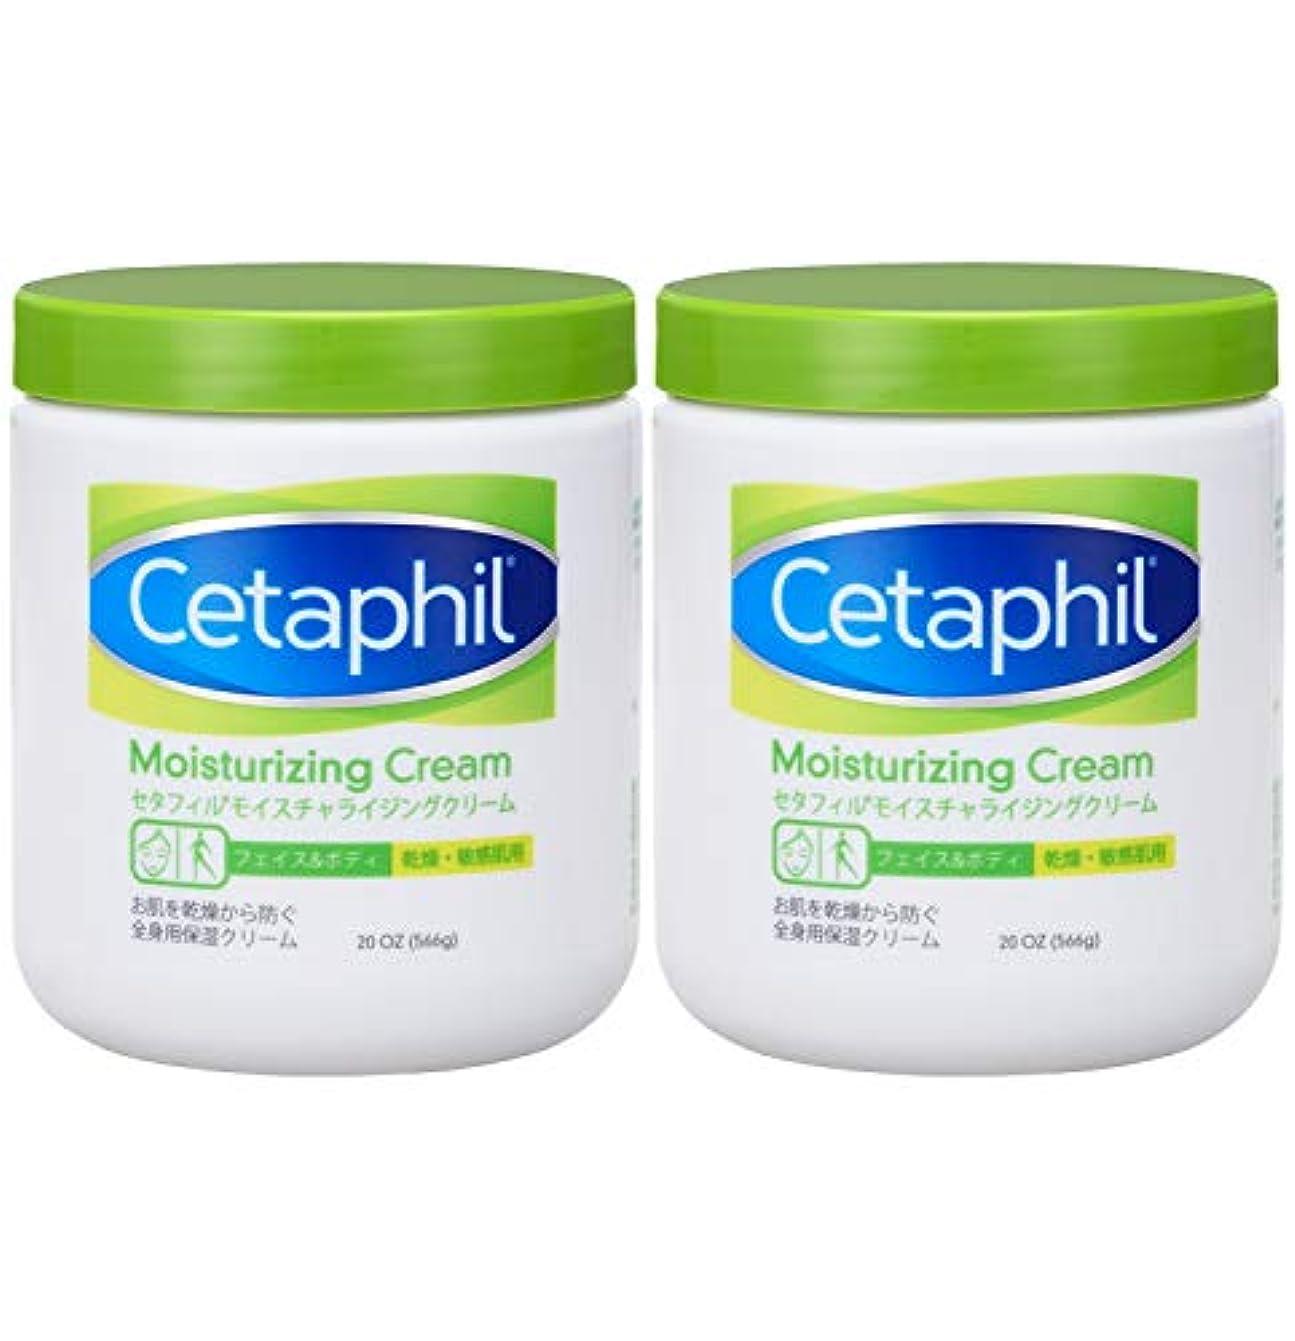 ランタン馬鹿げたパンセタフィル Cetaphil ® モイスチャライジングクリーム 566ml 2本組 ( フェイス & ボディ 保湿クリーム クリーム )